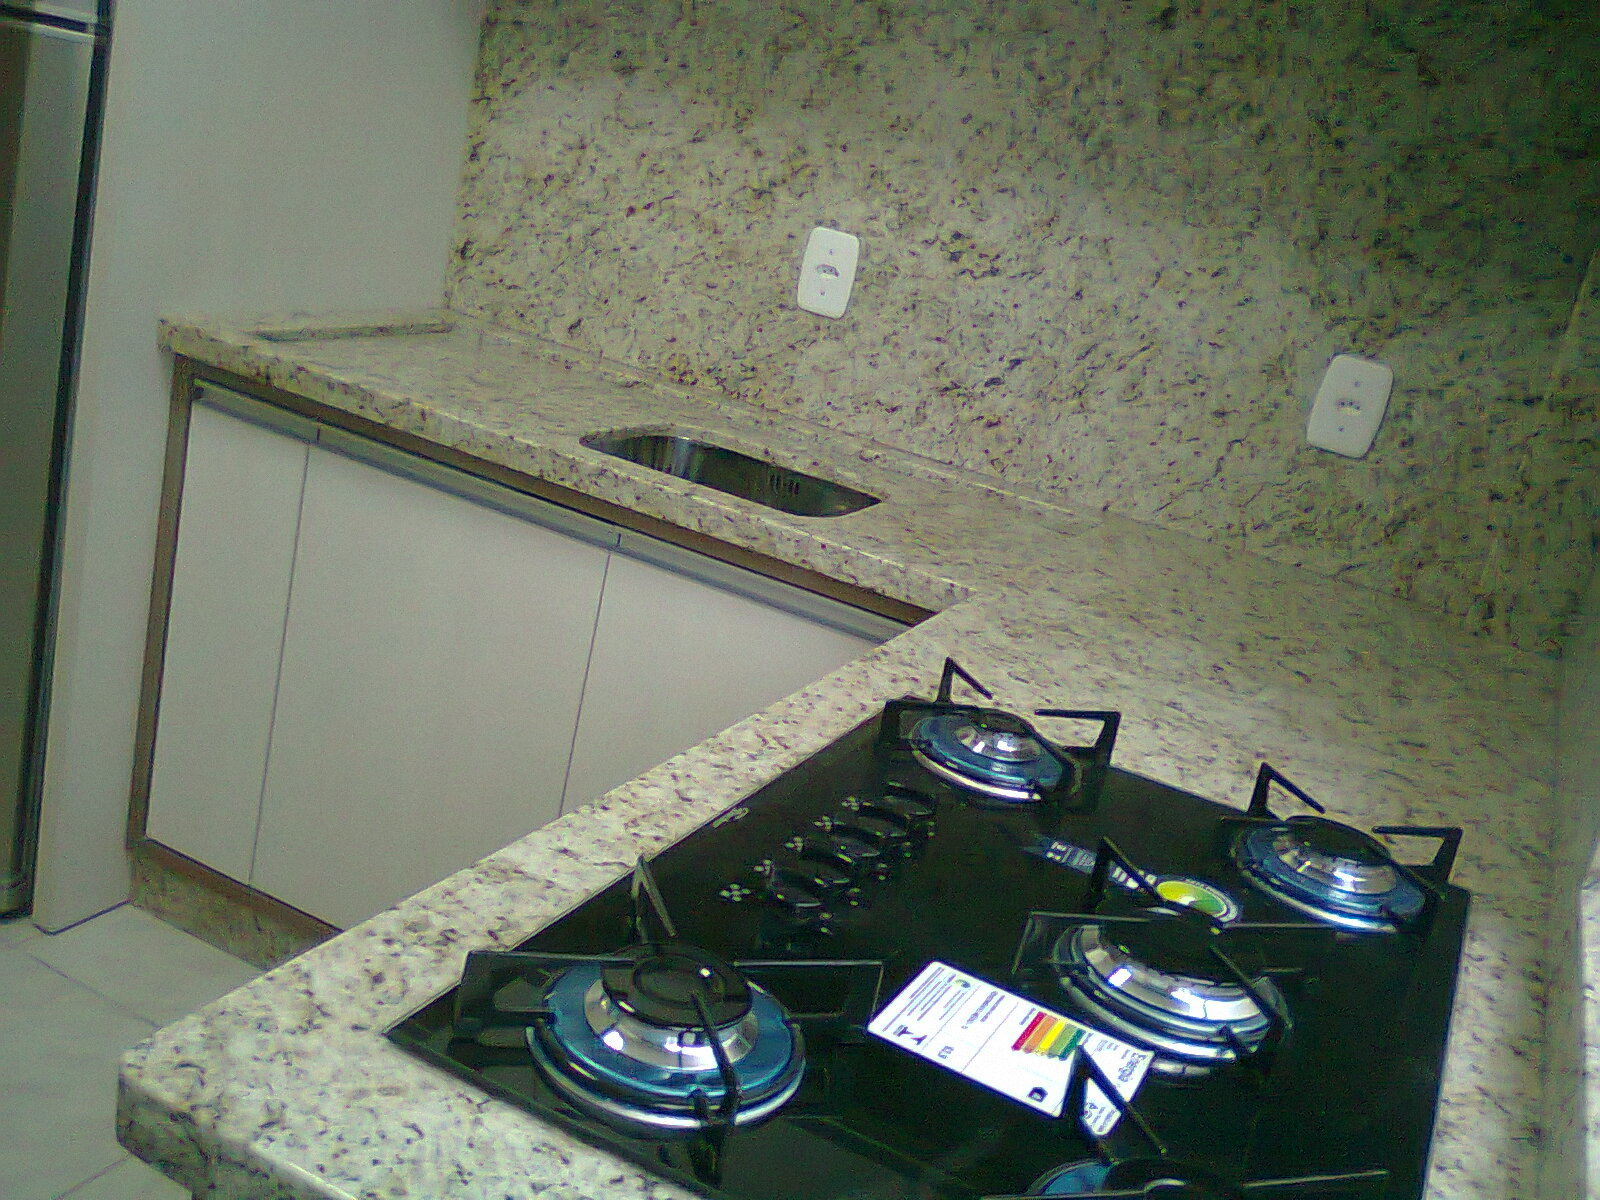 Granitos e Mármores: Cozinhas em Granito #2A4066 1600x1200